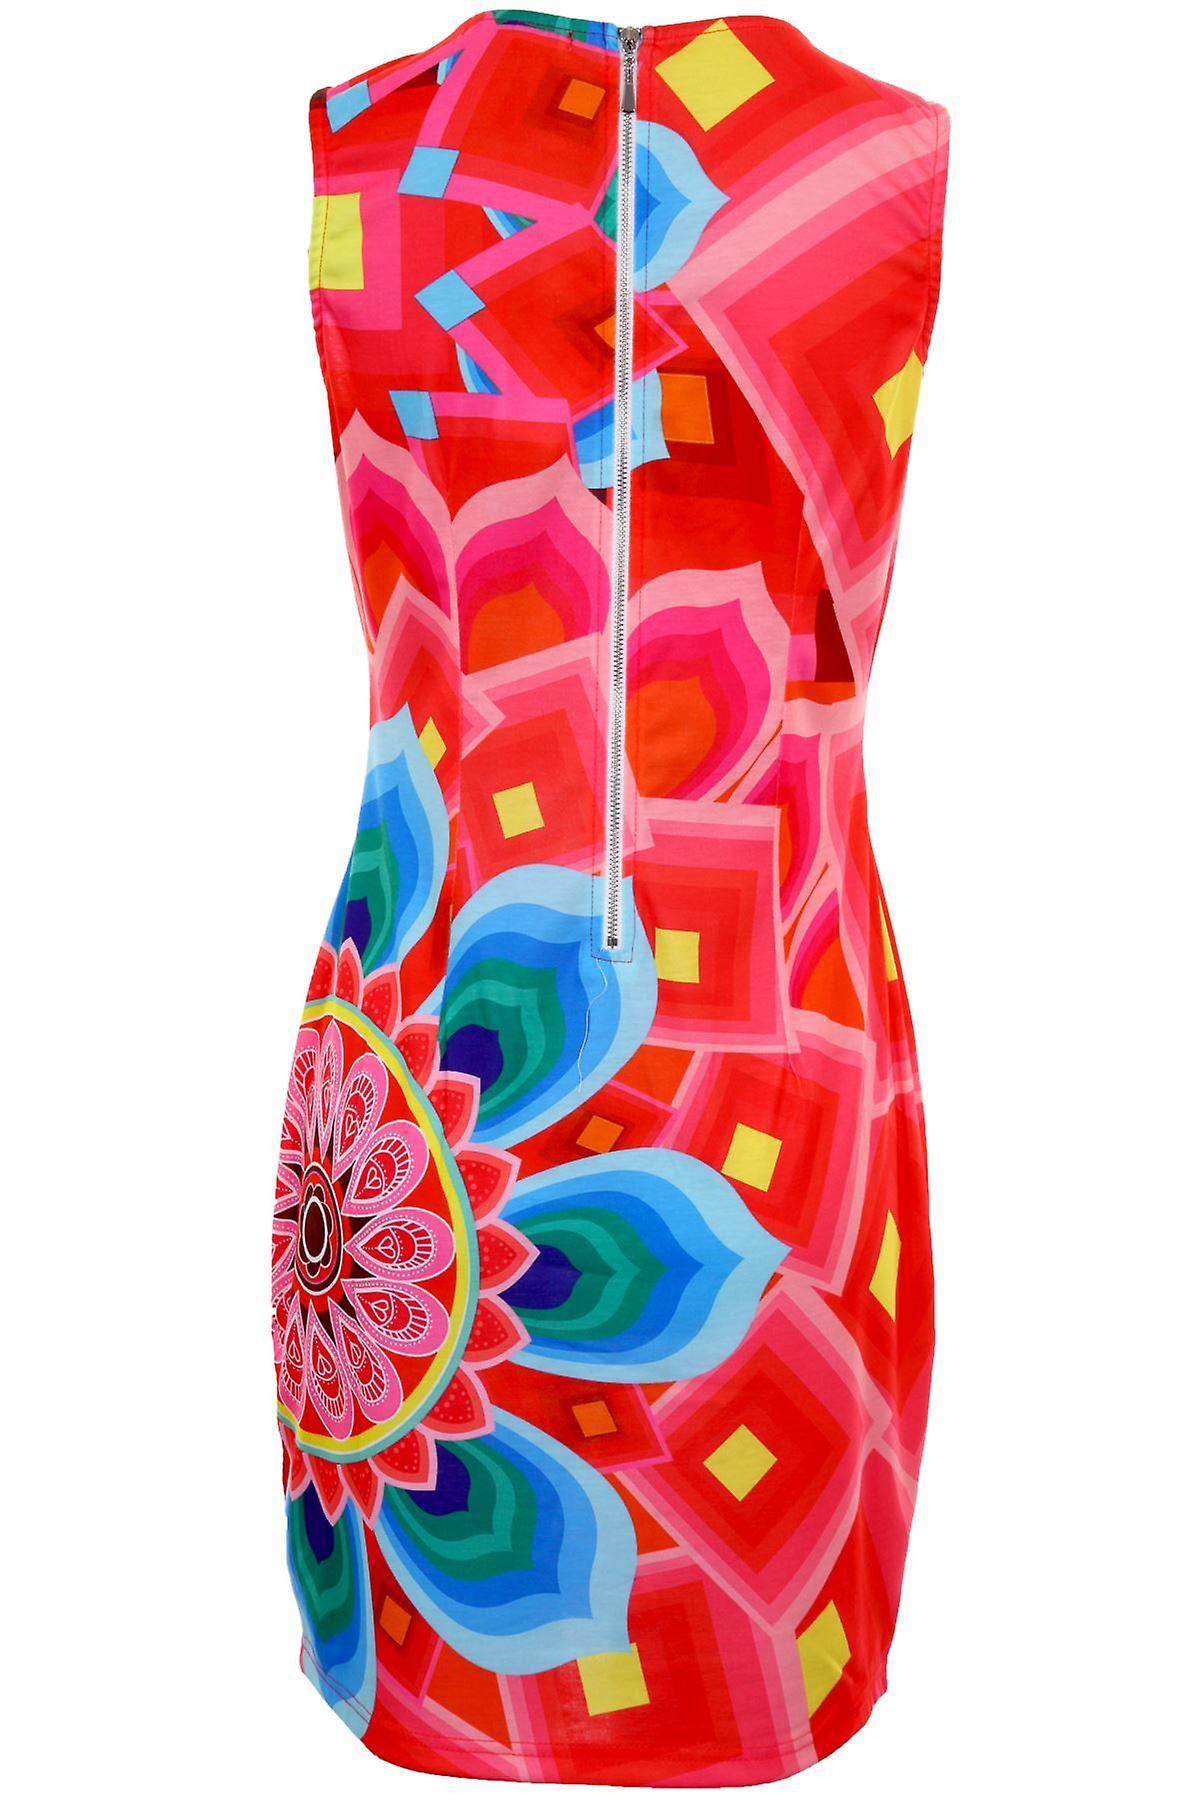 Hyvät Multi väri paneeli tulosta kuviollinen Zip takaisin naisten Stretch Bodycon mekko